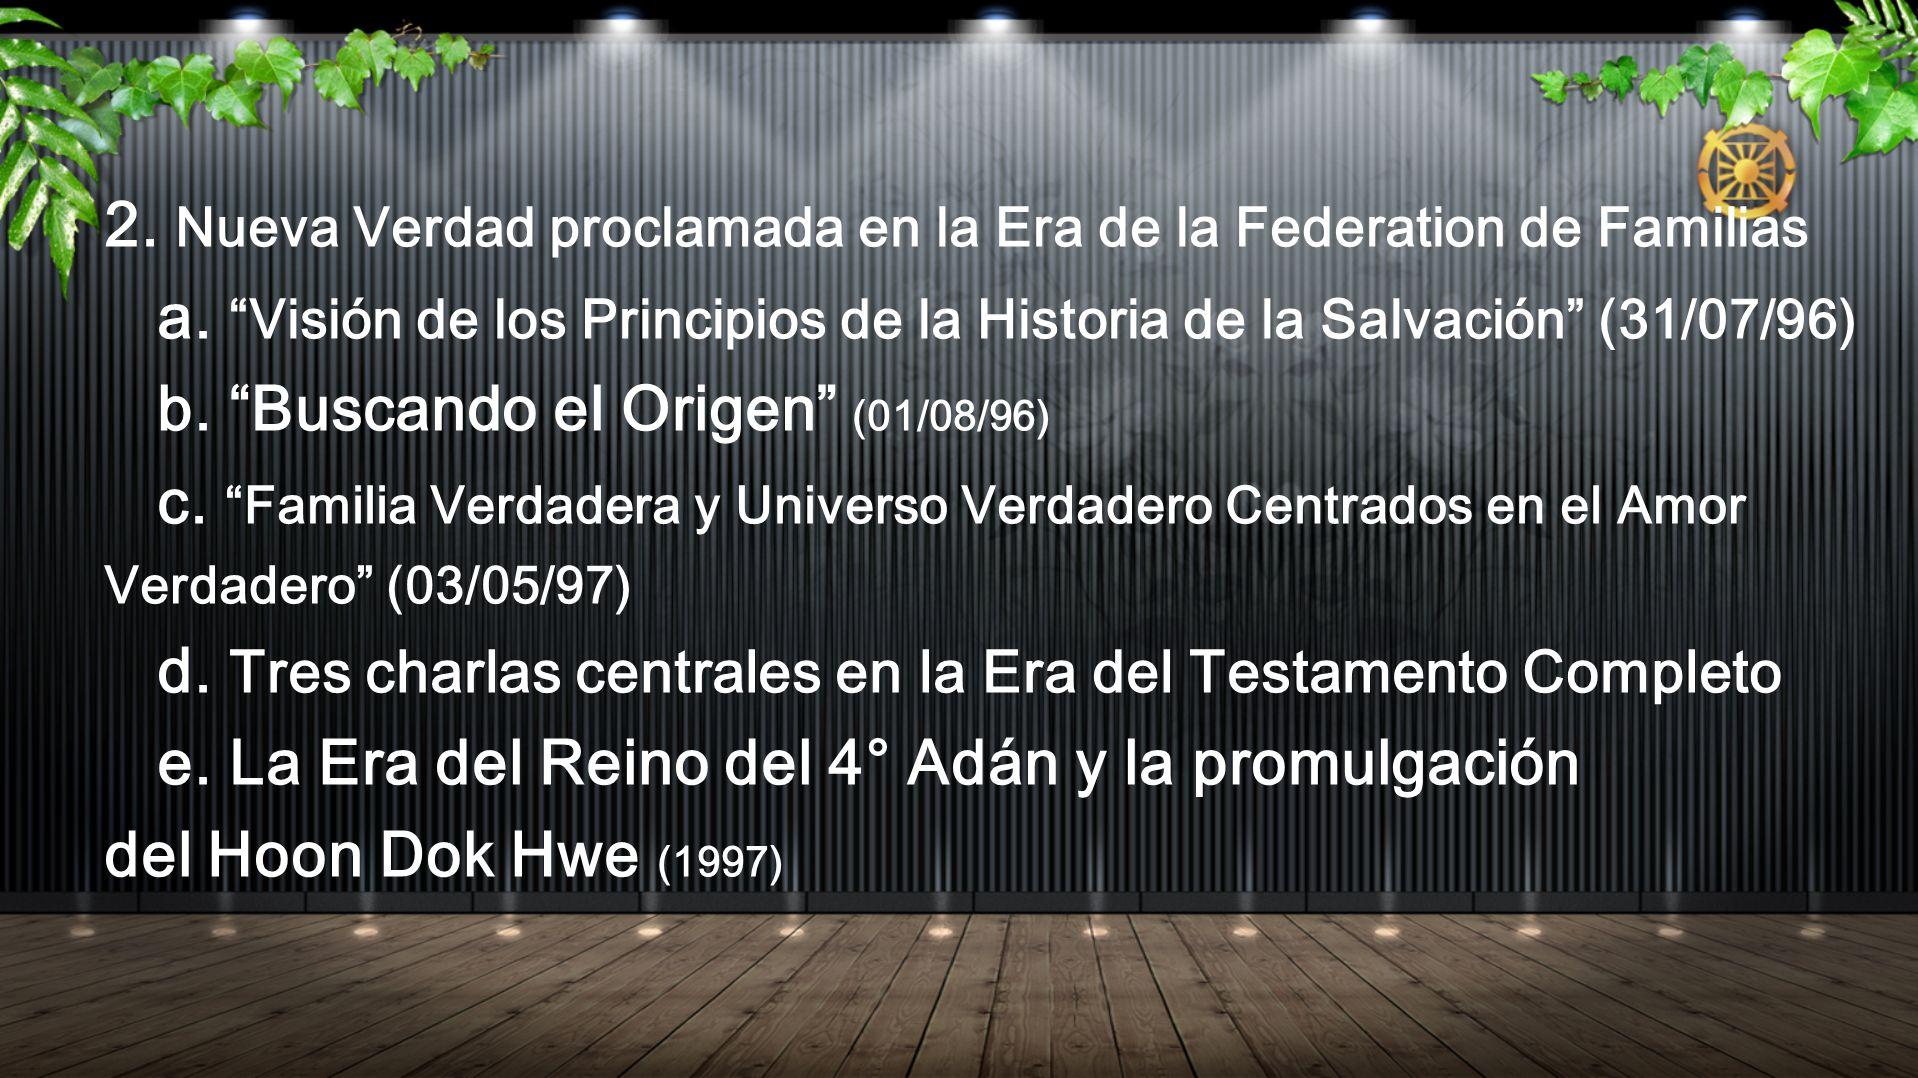 2. Nueva Verdad proclamada en la Era de la Federation de Familias